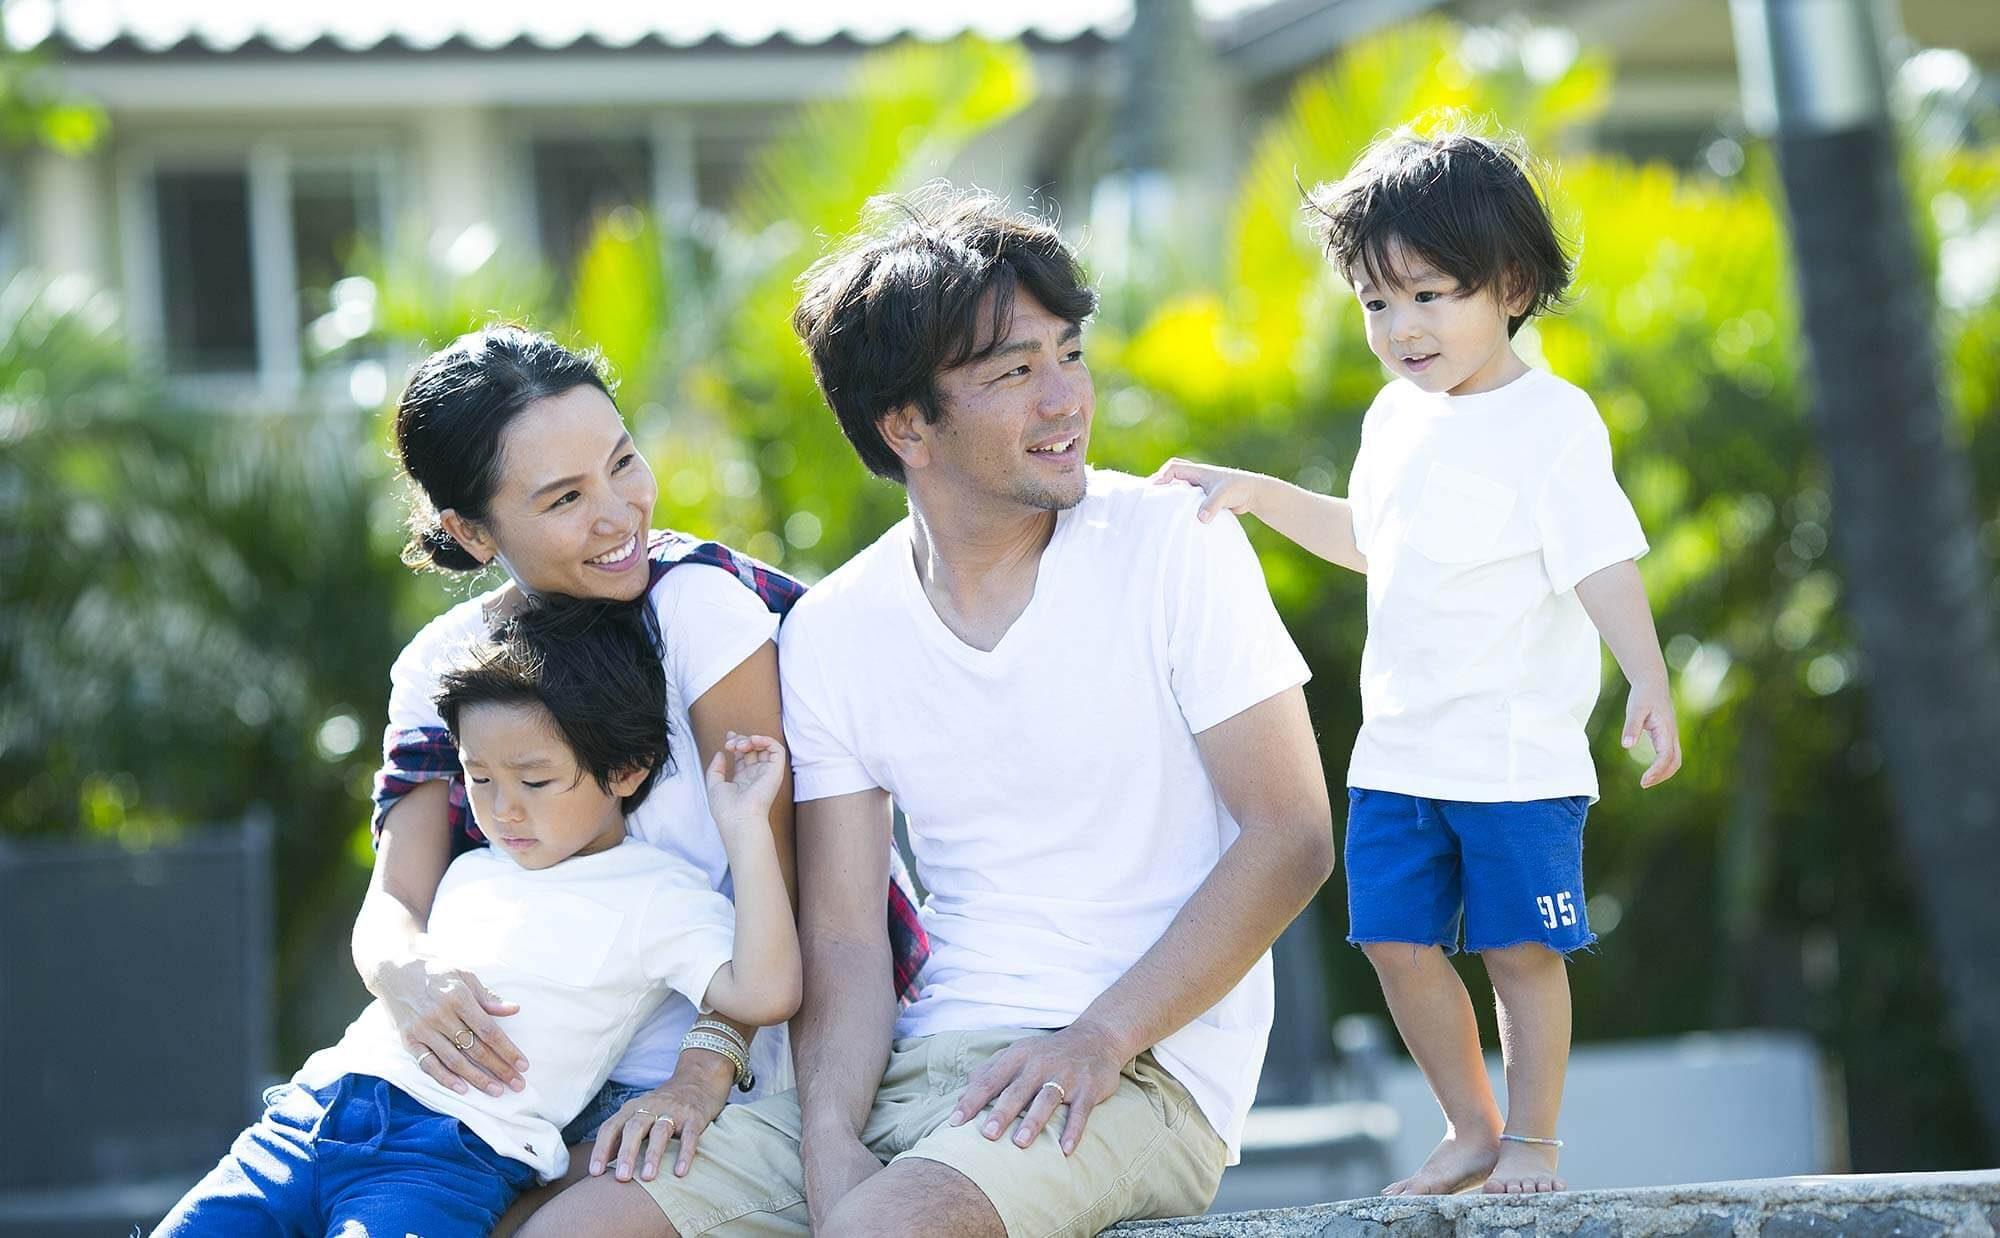 海がある…だけじゃない! 三浦半島に子育てファミリーが続々移住するワケ